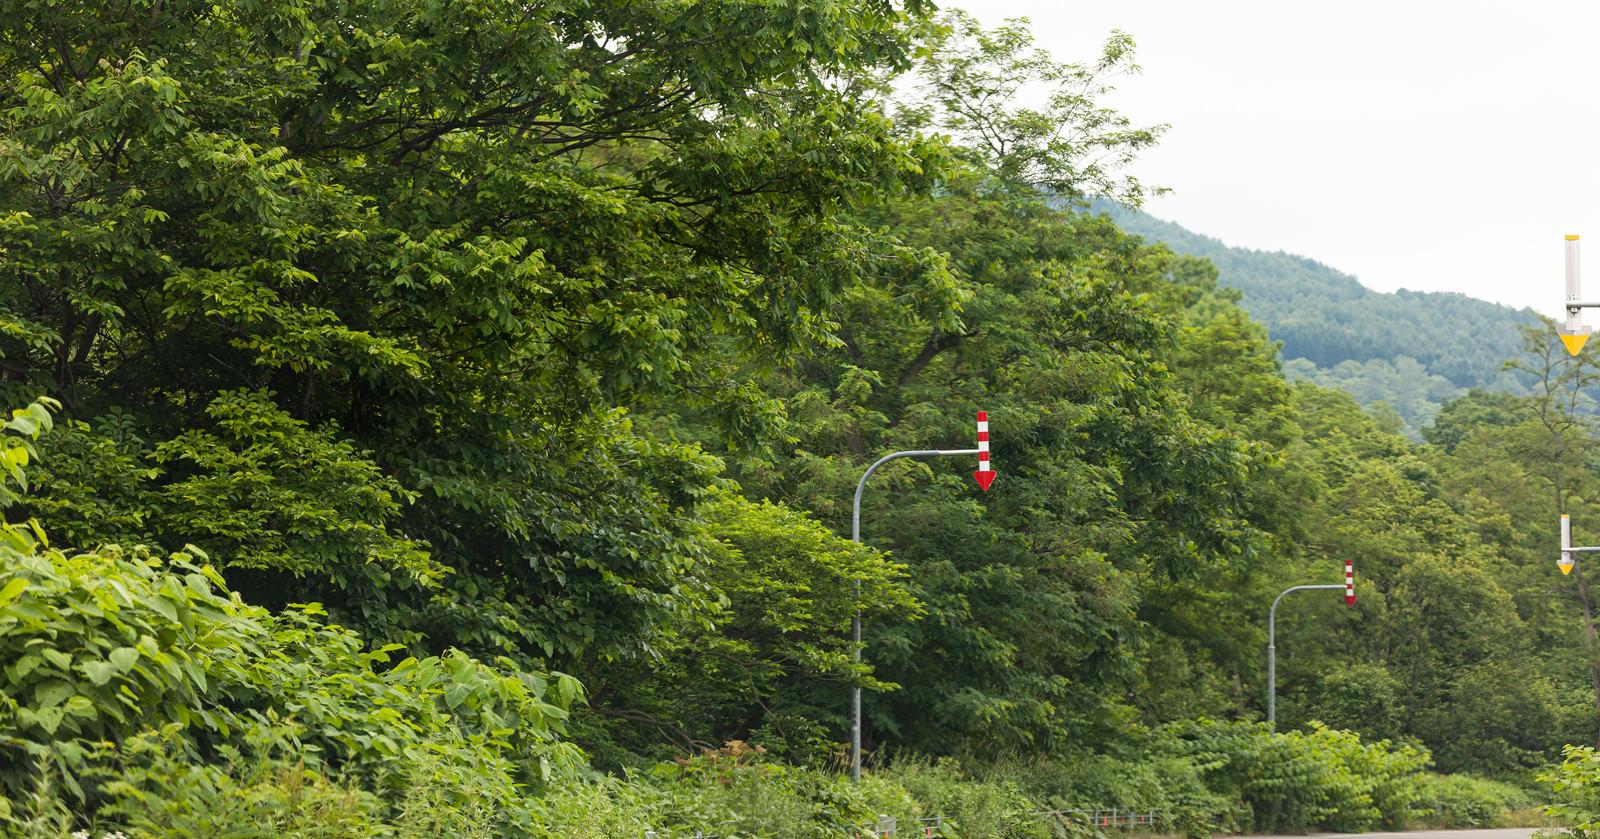 「山道の矢羽根(固定式視線誘導柱)」の写真